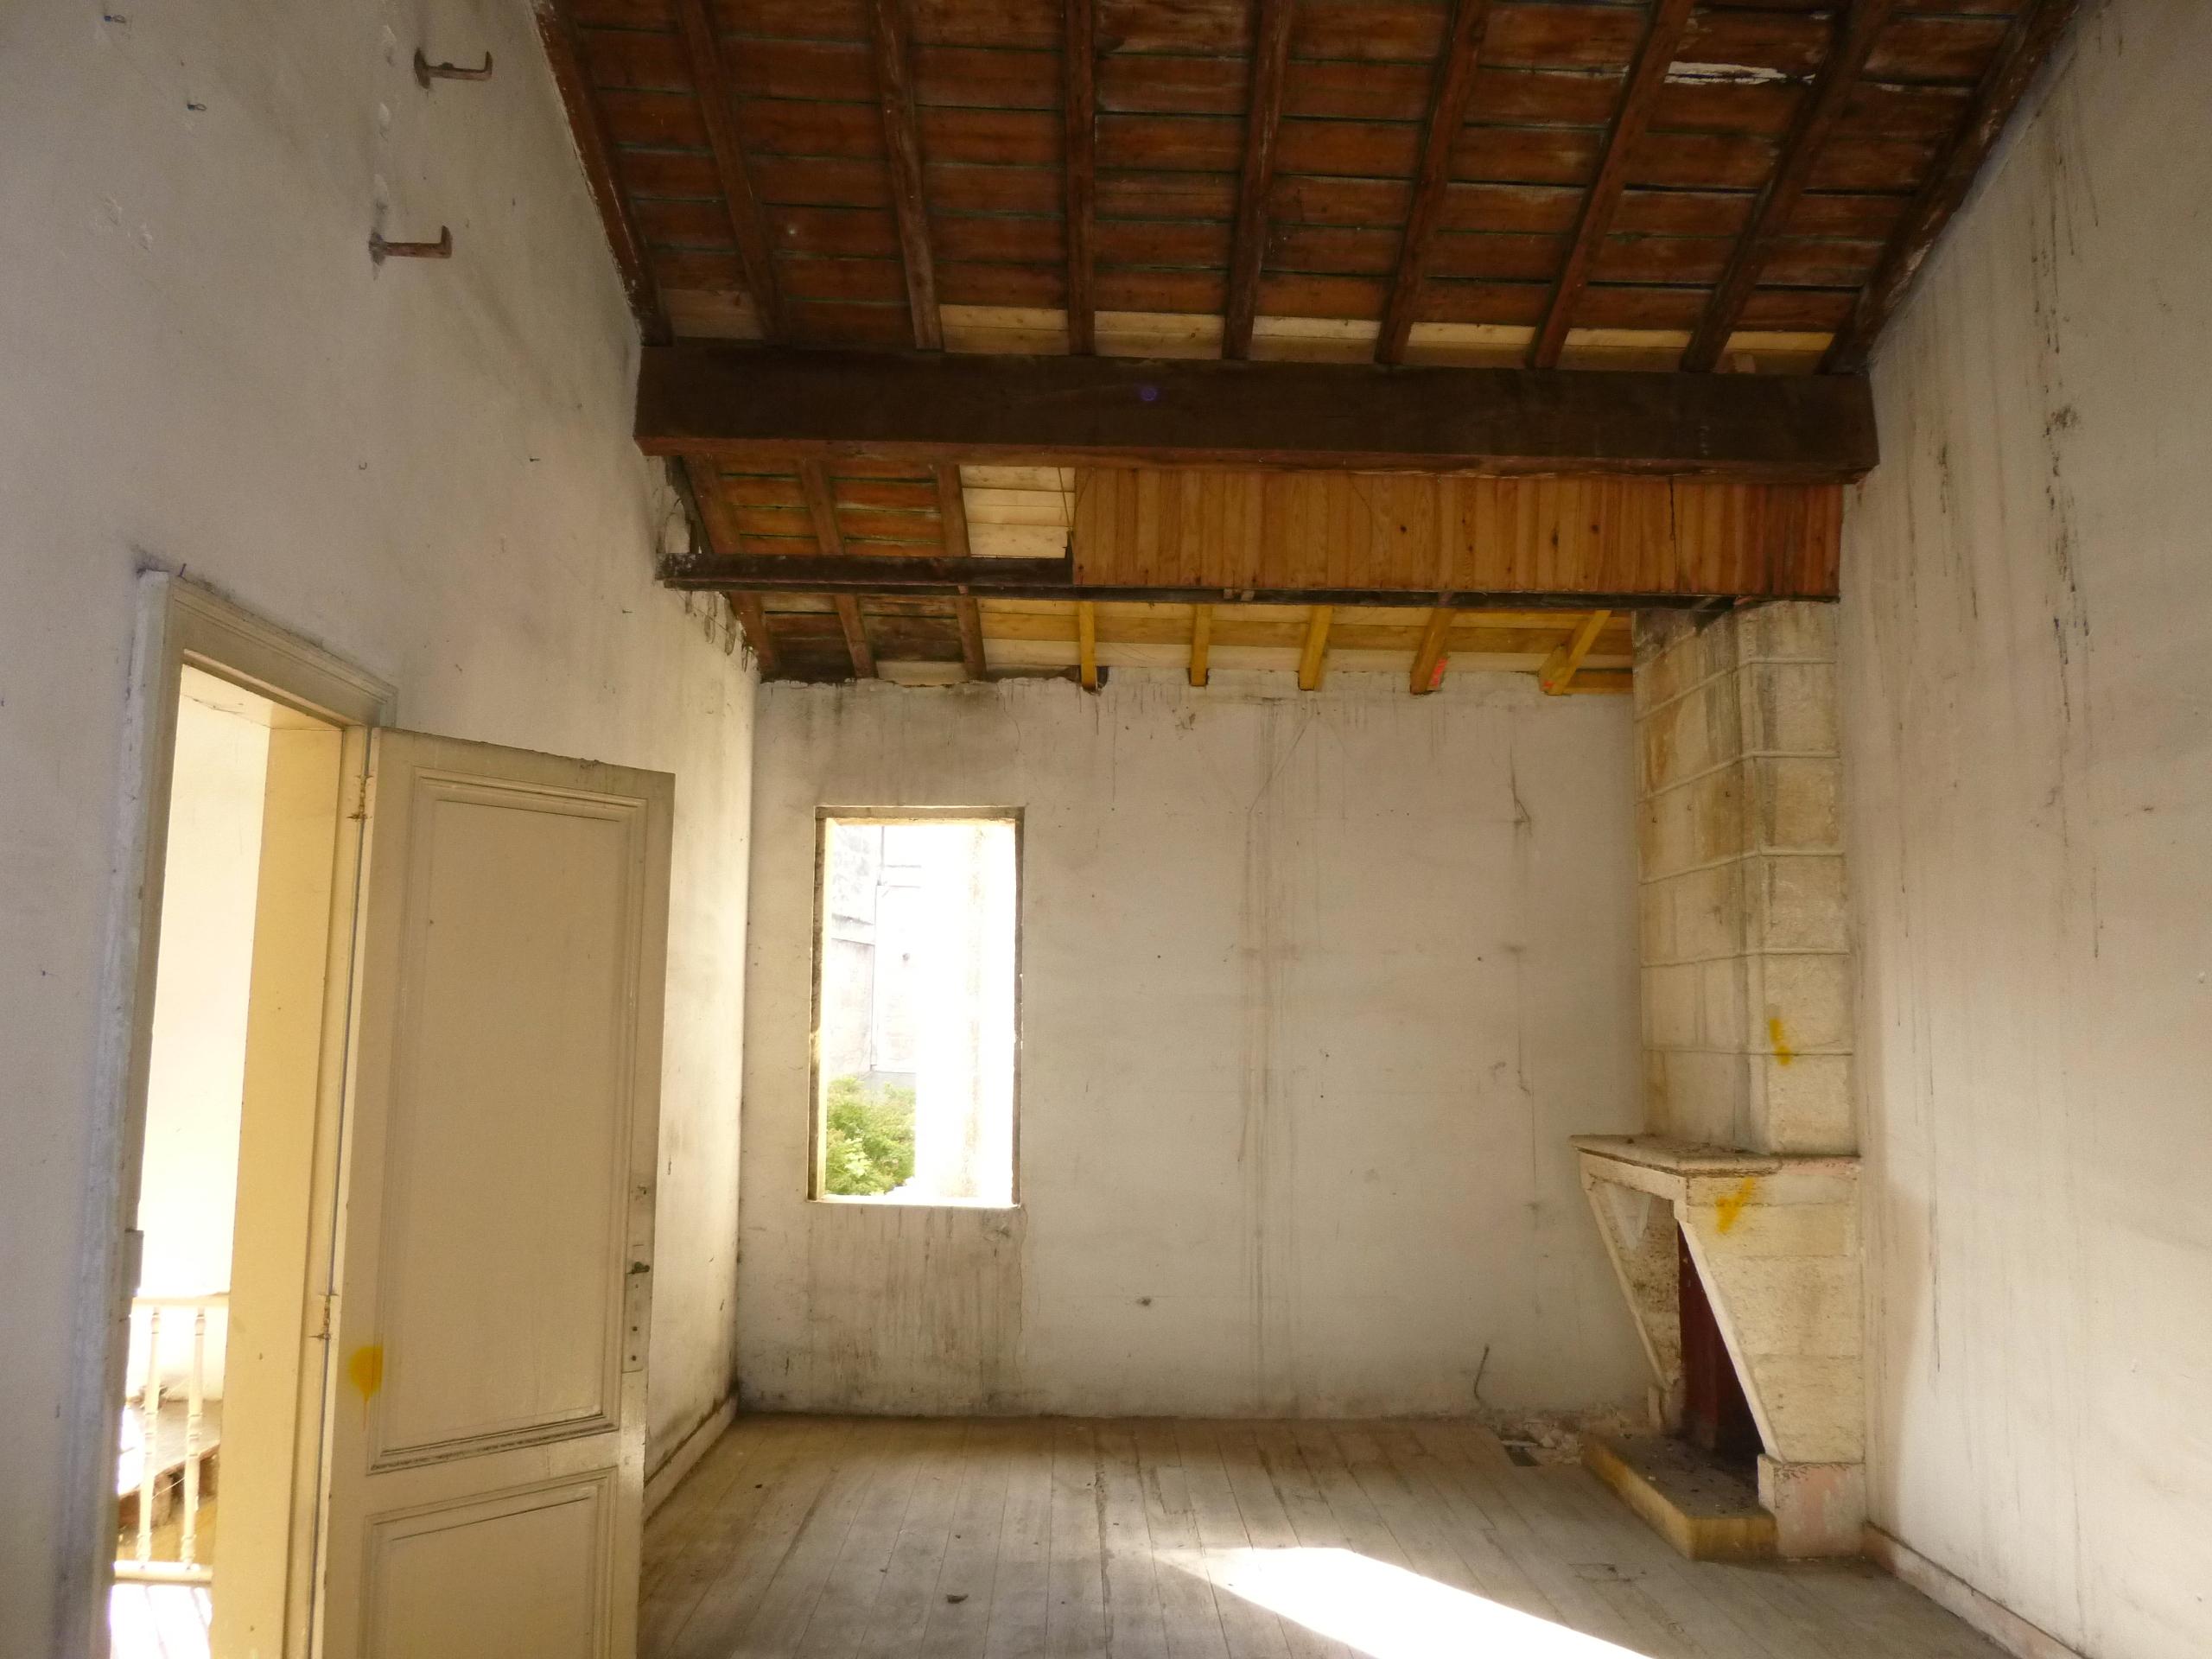 Maison bordeaux croix blanche agence immobili re for Vente maison bordeaux bastide